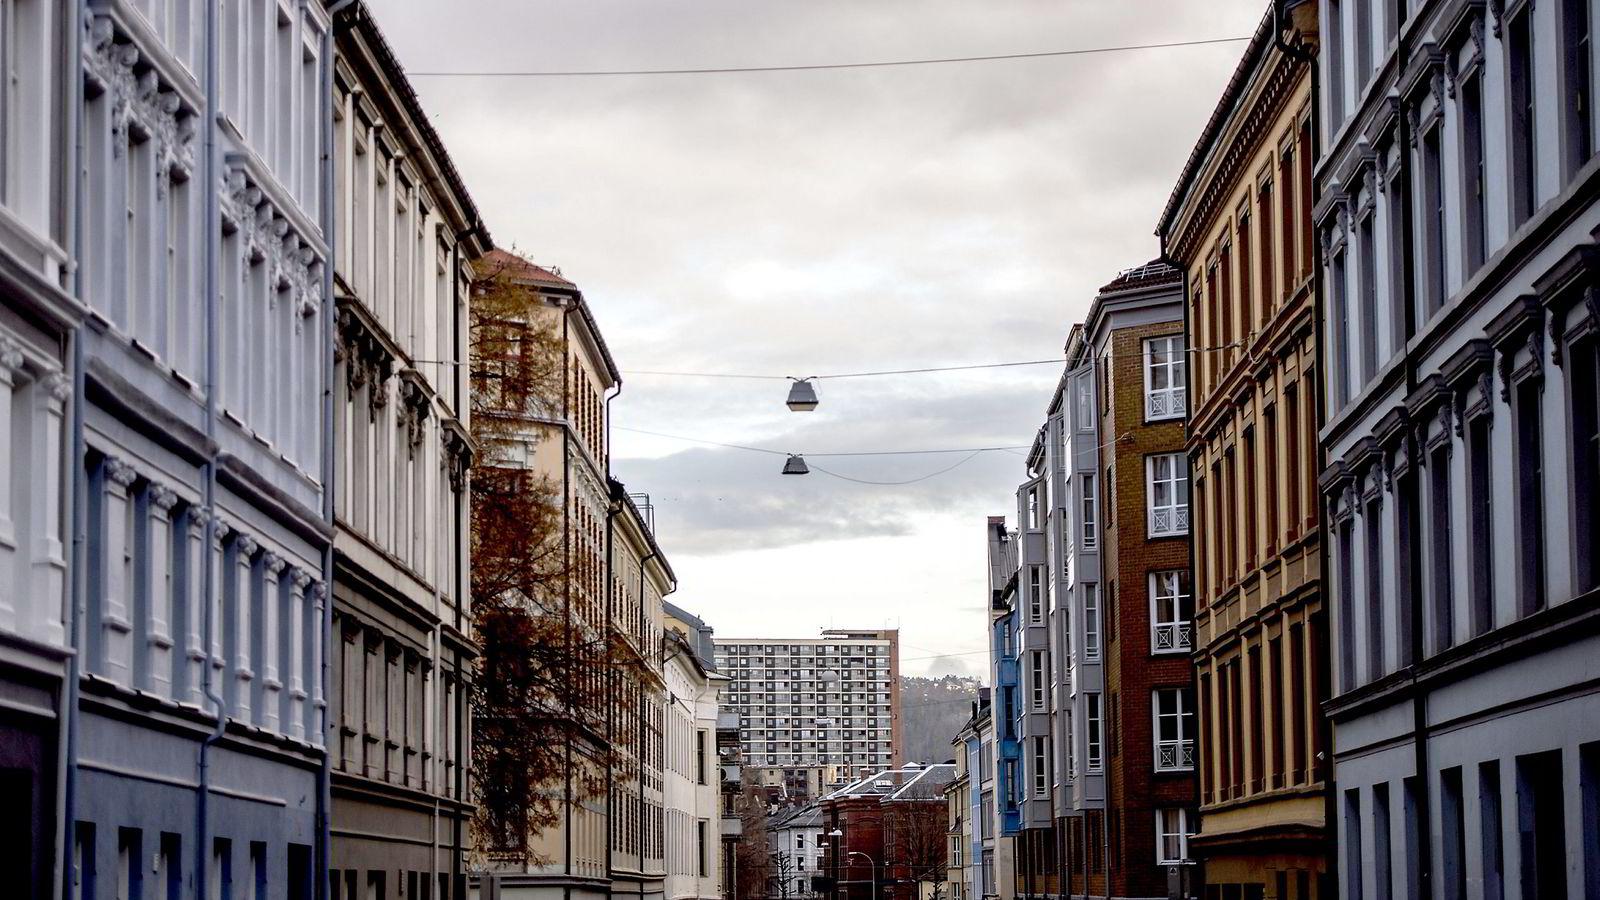 Mens prisene stiger i Østlandsområdet er utviklingen flat eller negativ i de fleste andre delene av landet, viser ny rapport.